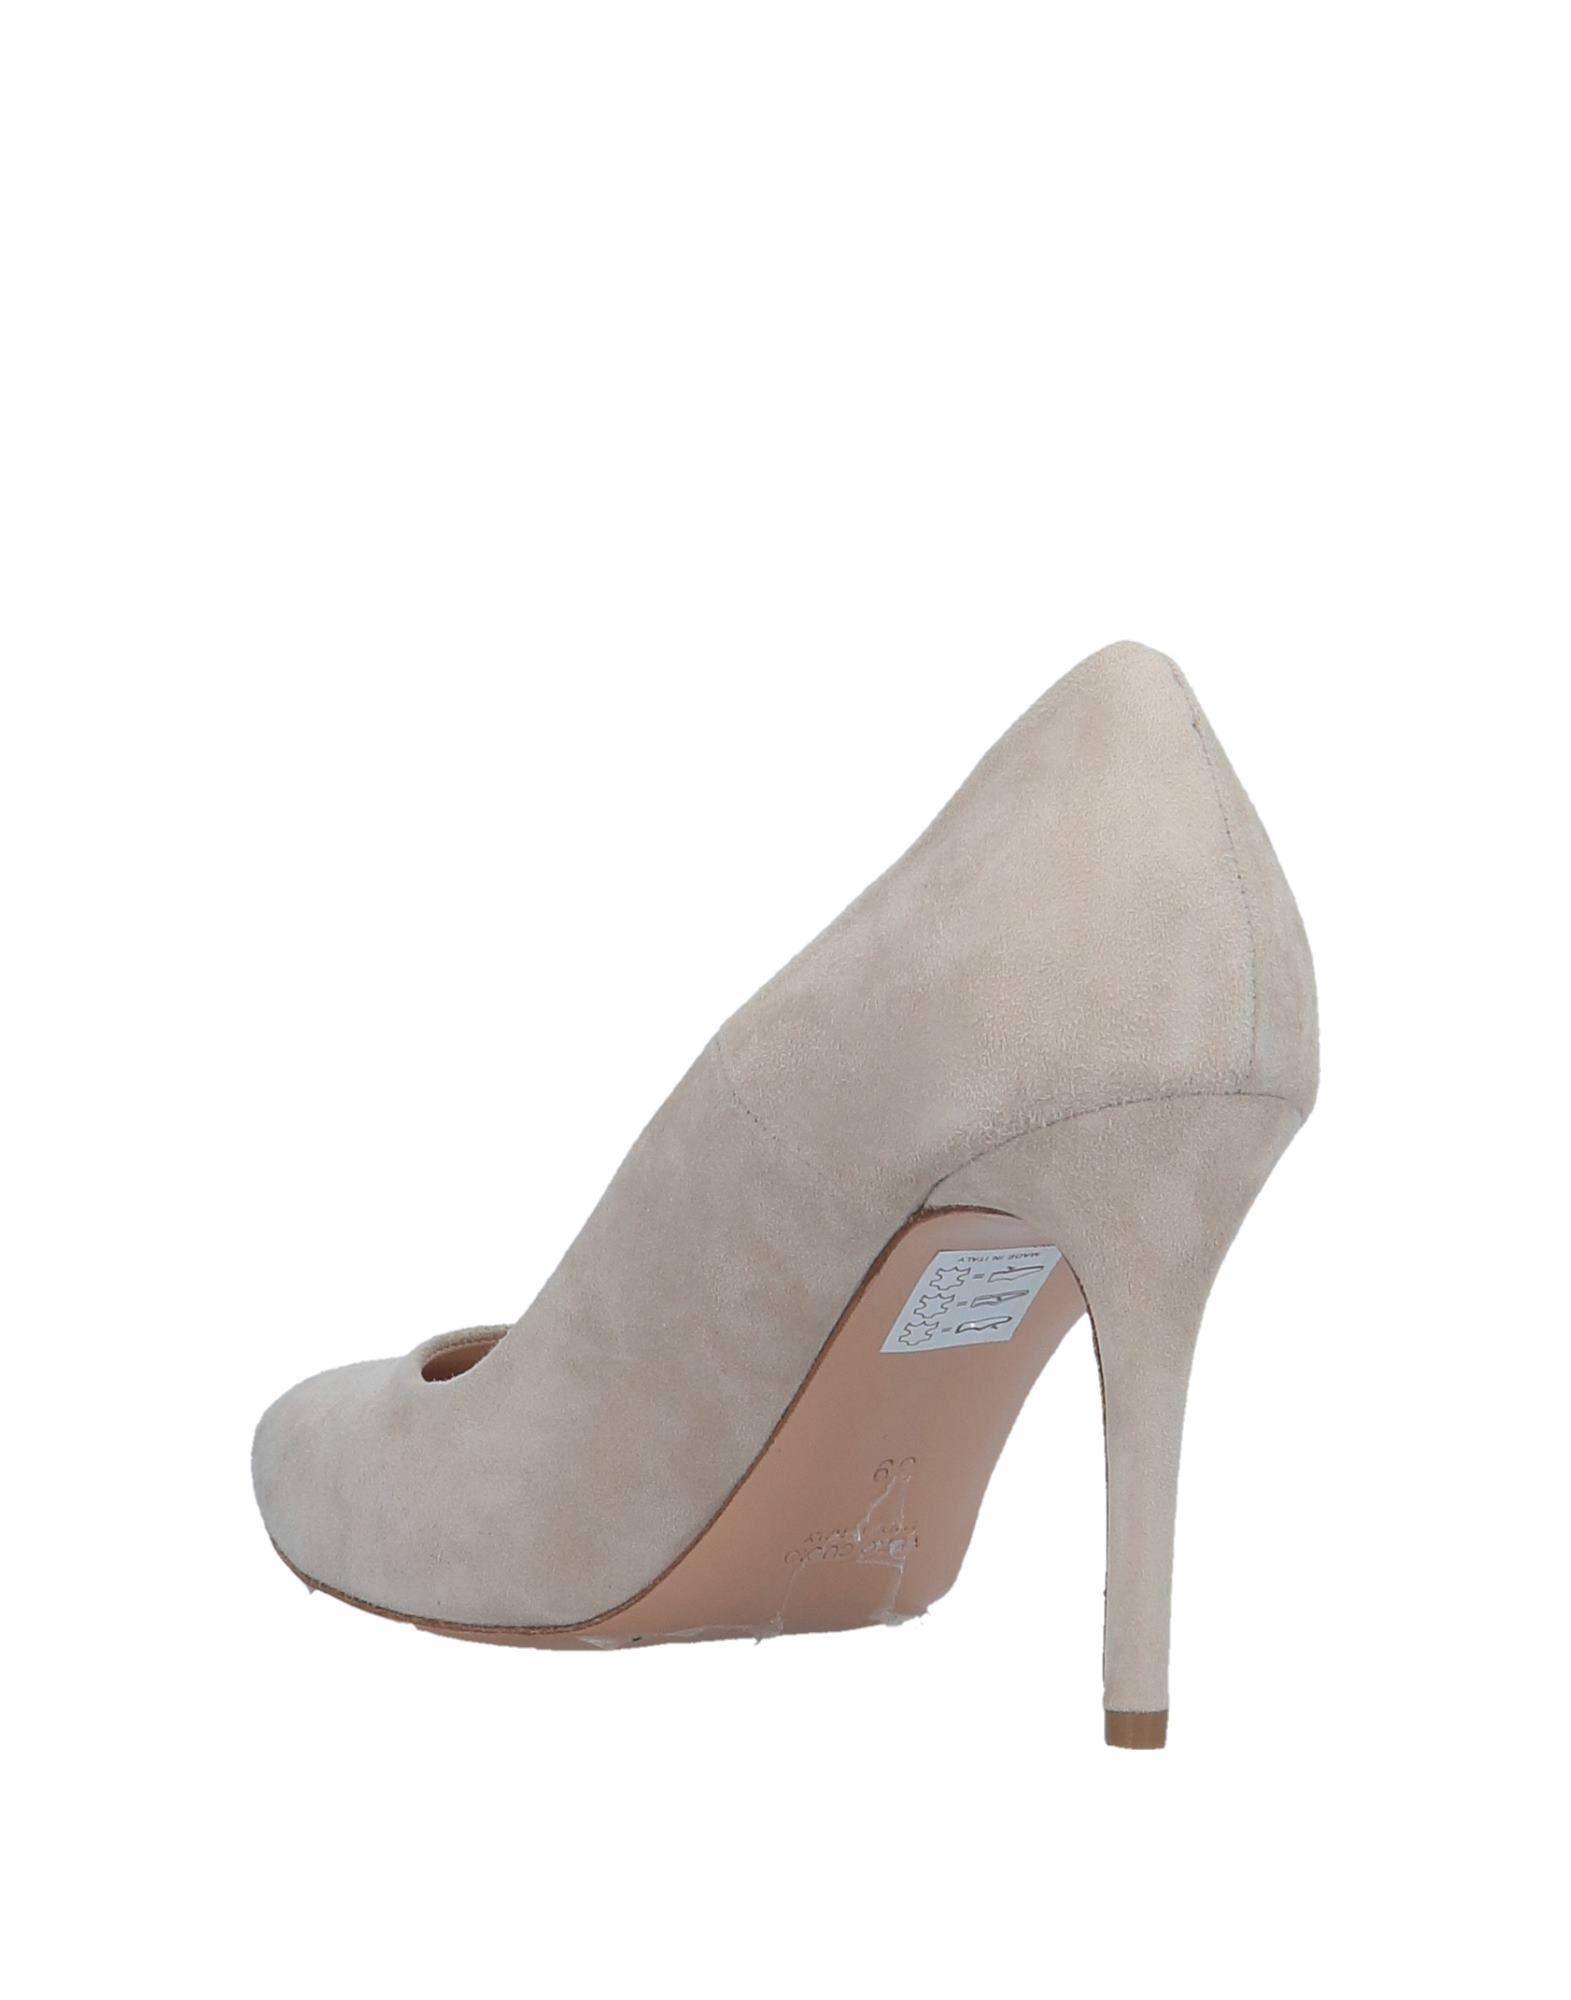 Le Pepite Pumps Qualität Damen  11561284XK Gute Qualität Pumps beliebte Schuhe 067f33